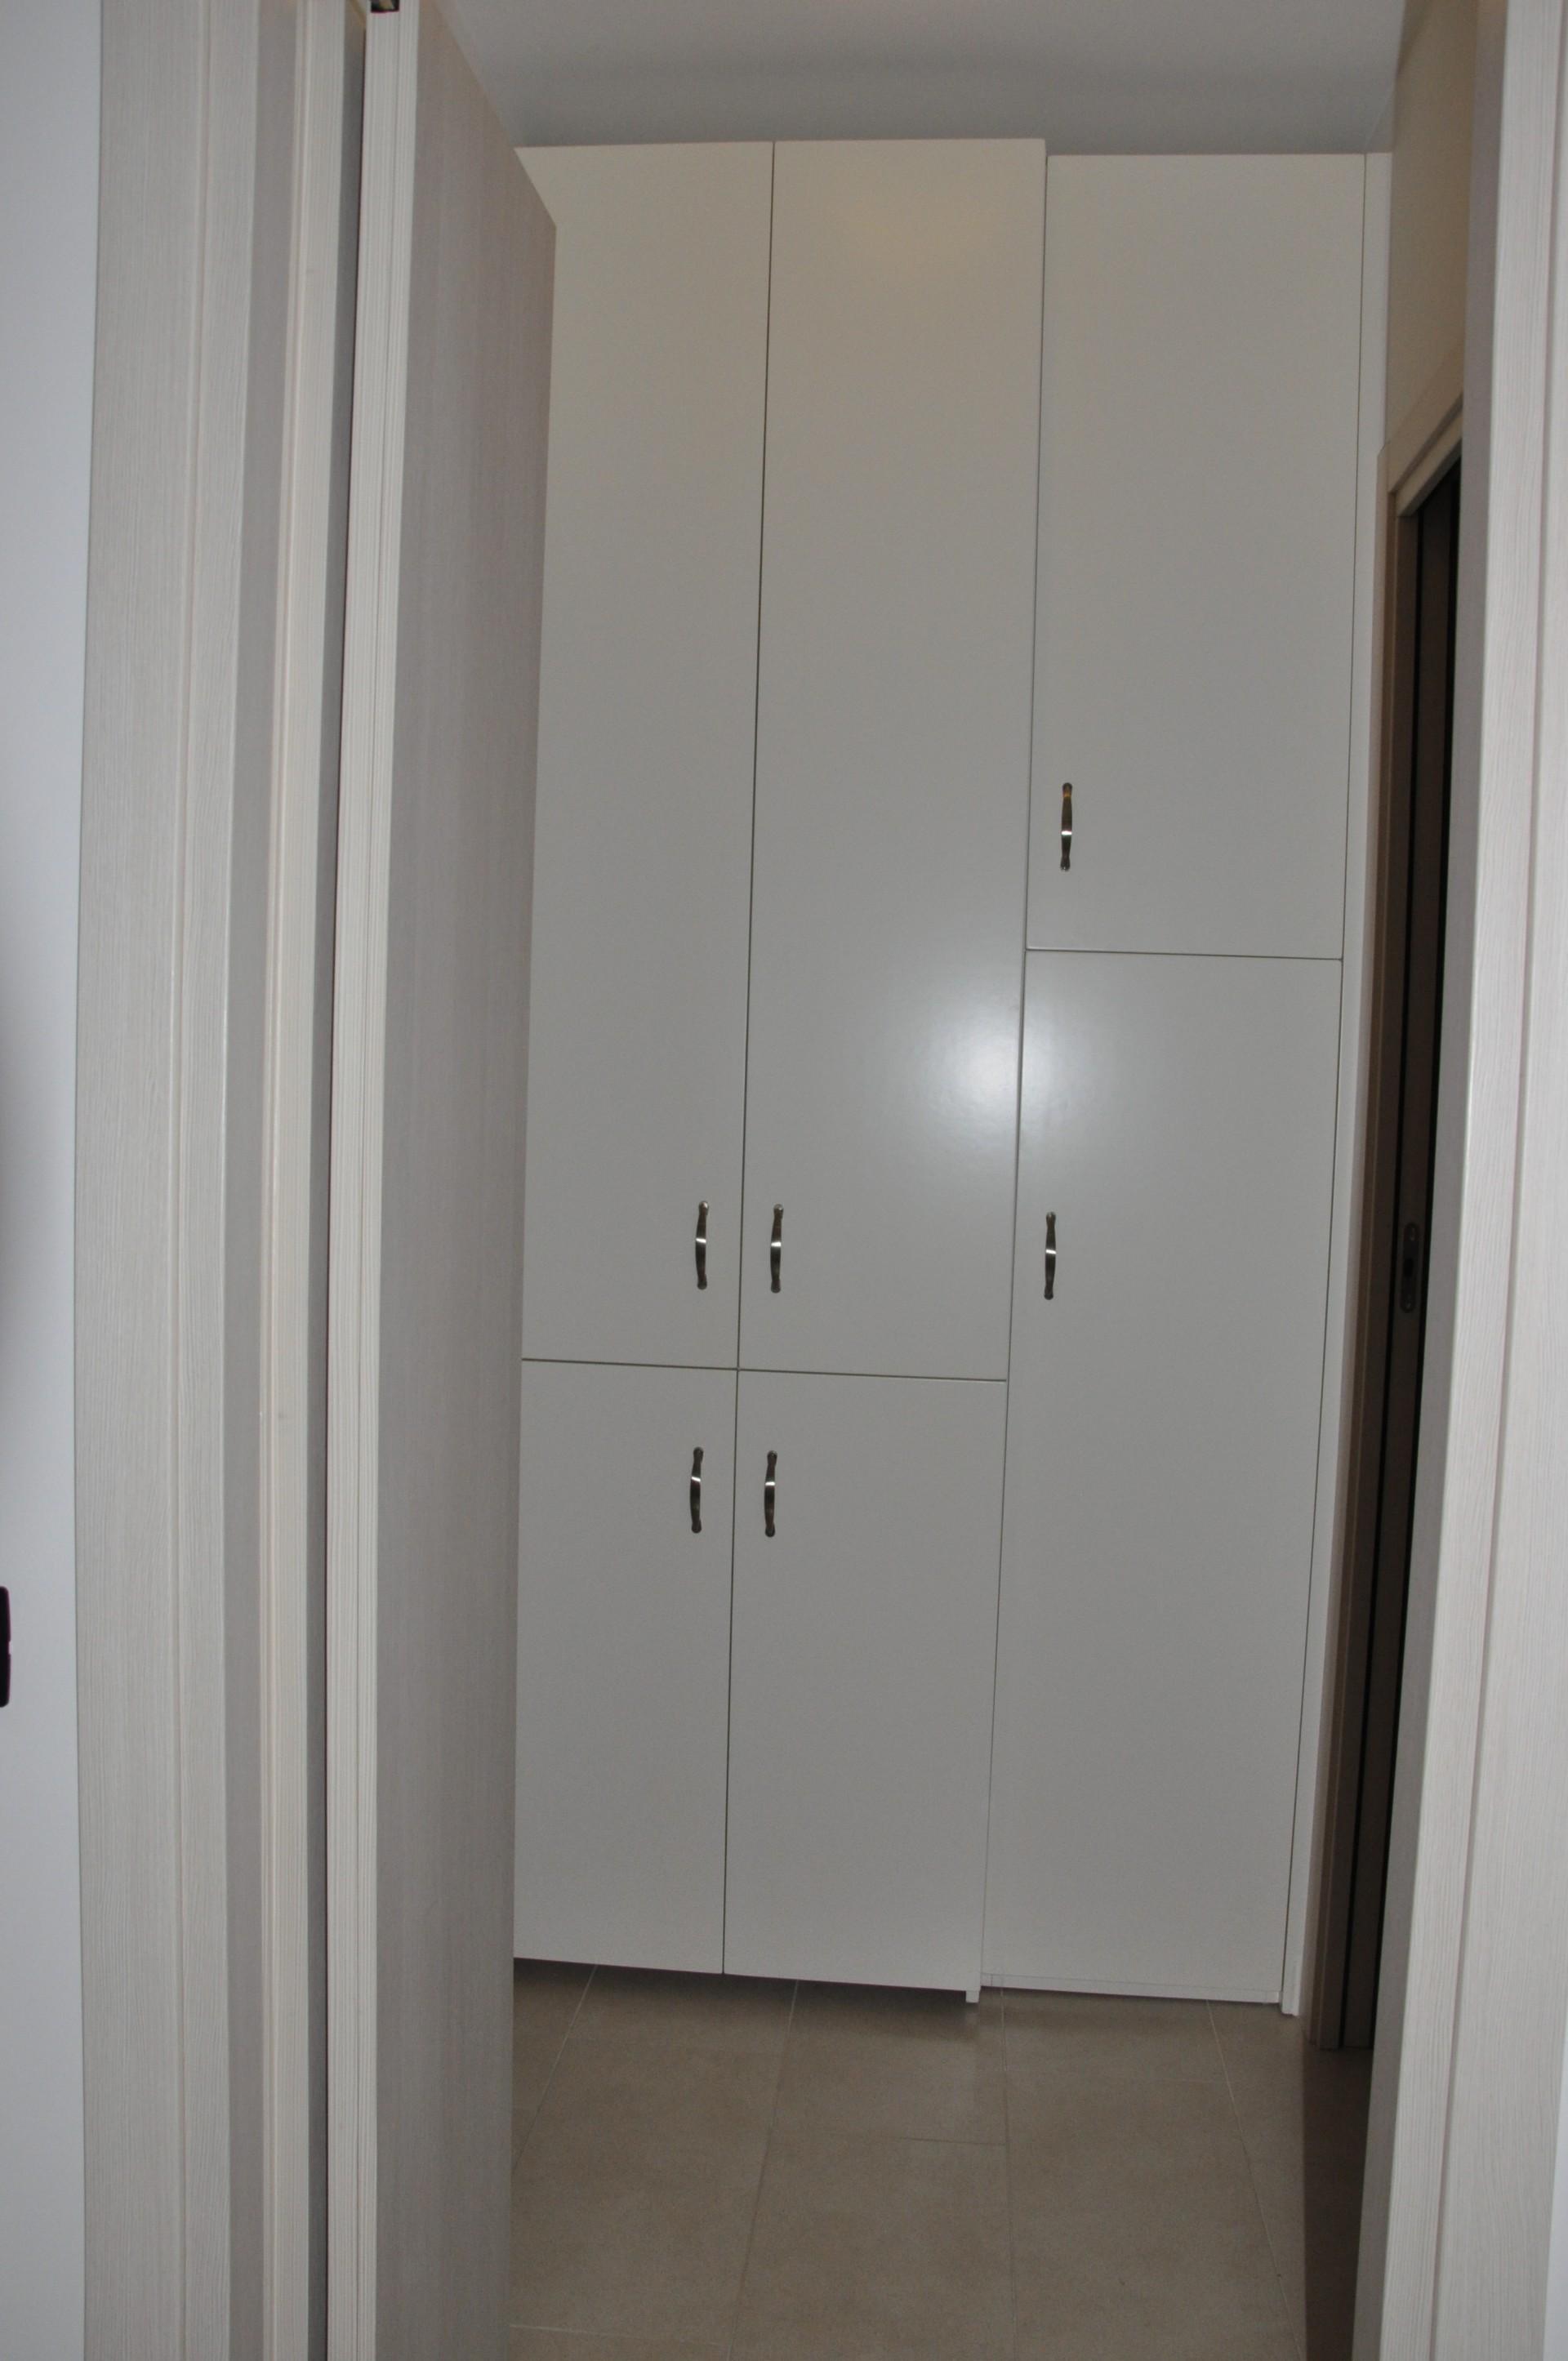 Armadio per lavanderia fadini mobili cerea verona - Ikea mobili per lavanderia ...